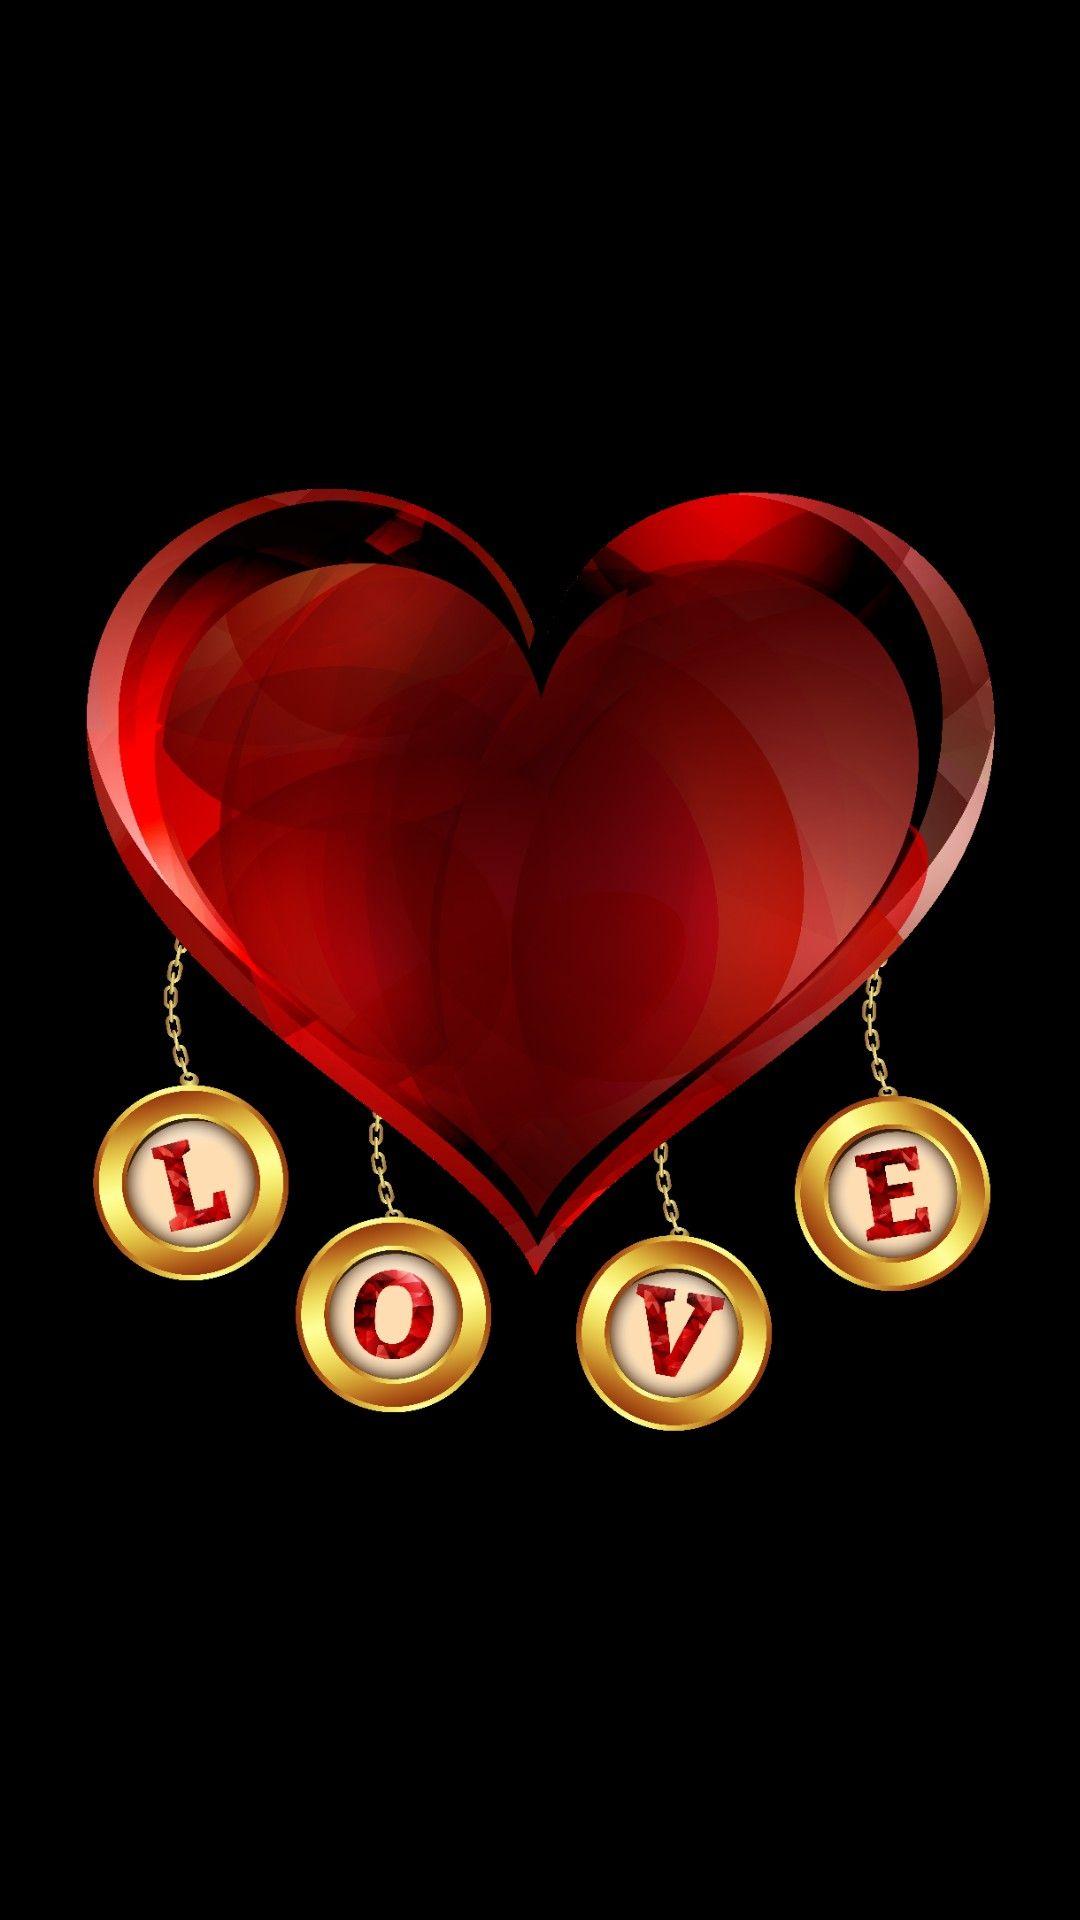 Love Mobile Wallpaper